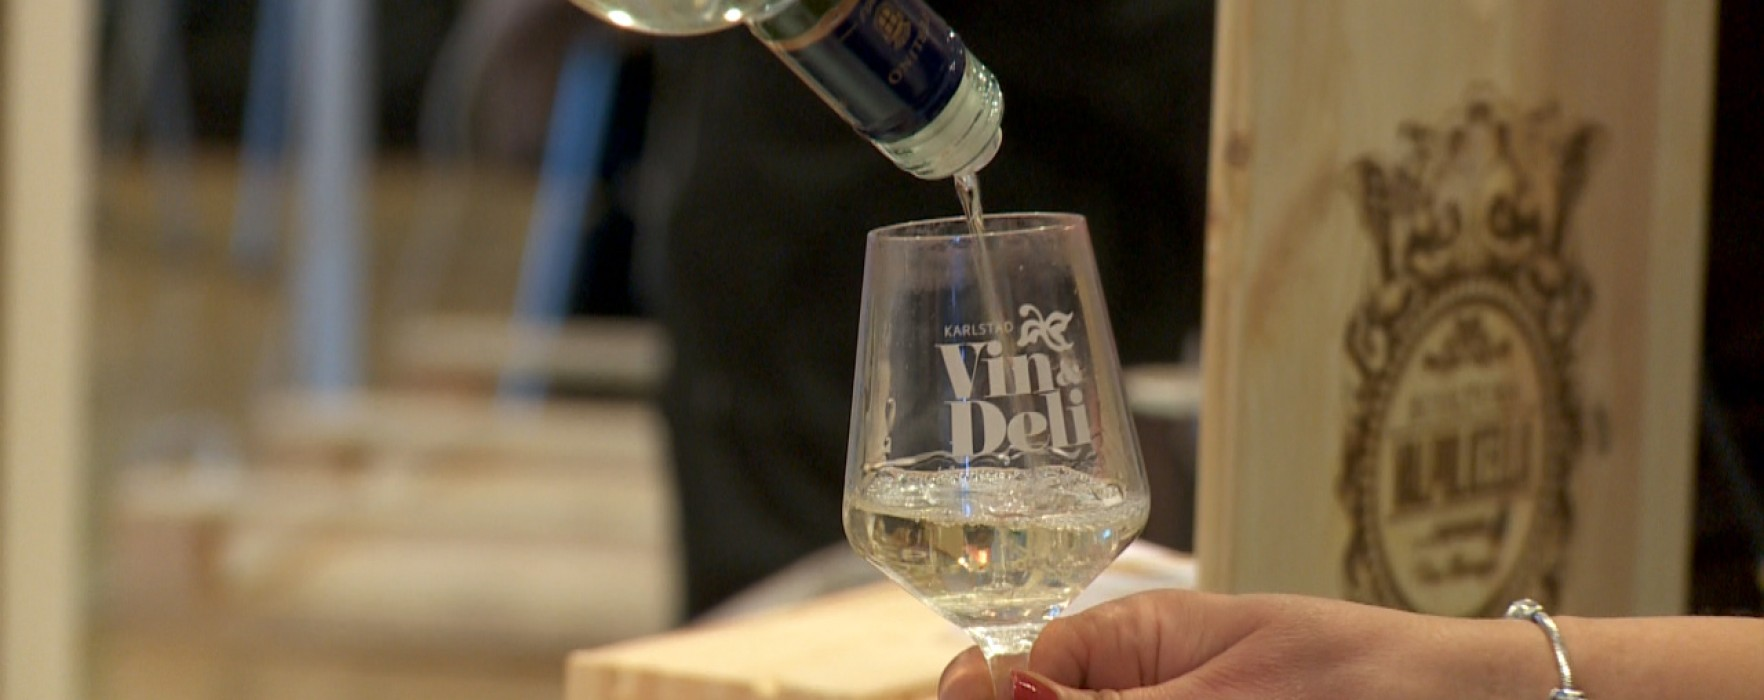 Lapp på luckan för Vin och Deli